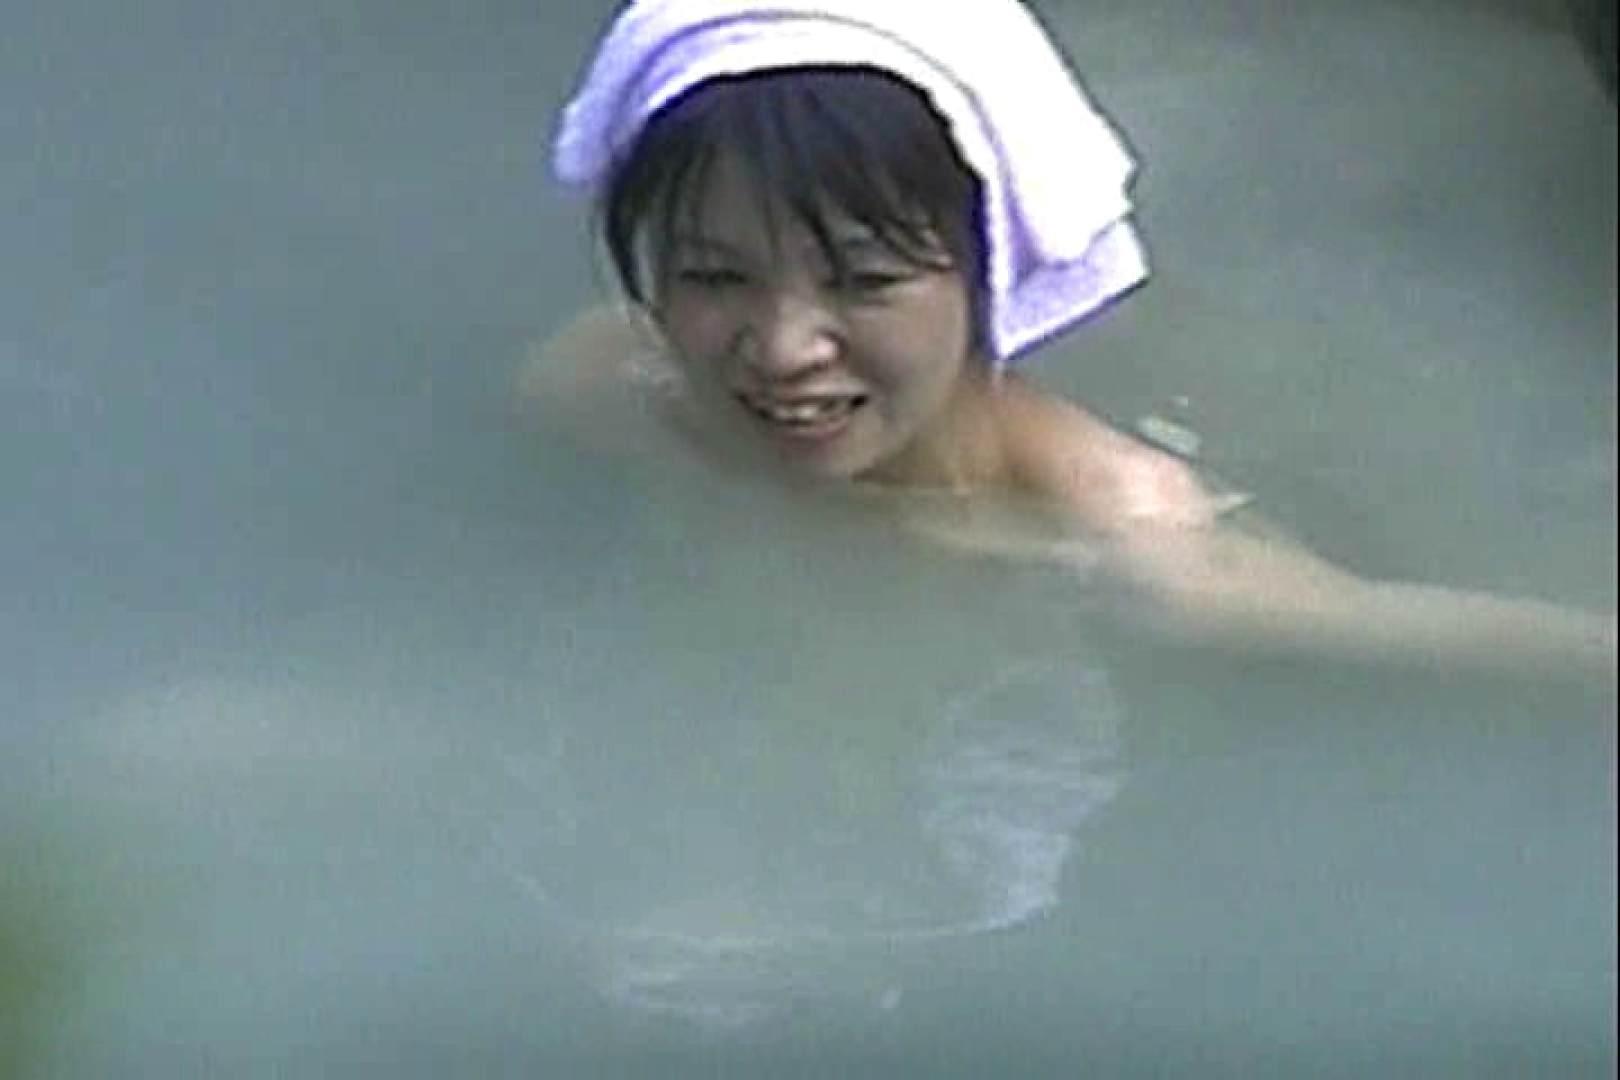 激撮!! 接写天井裏の刺客Vol.4 覗き アダルト動画キャプチャ 79画像 68